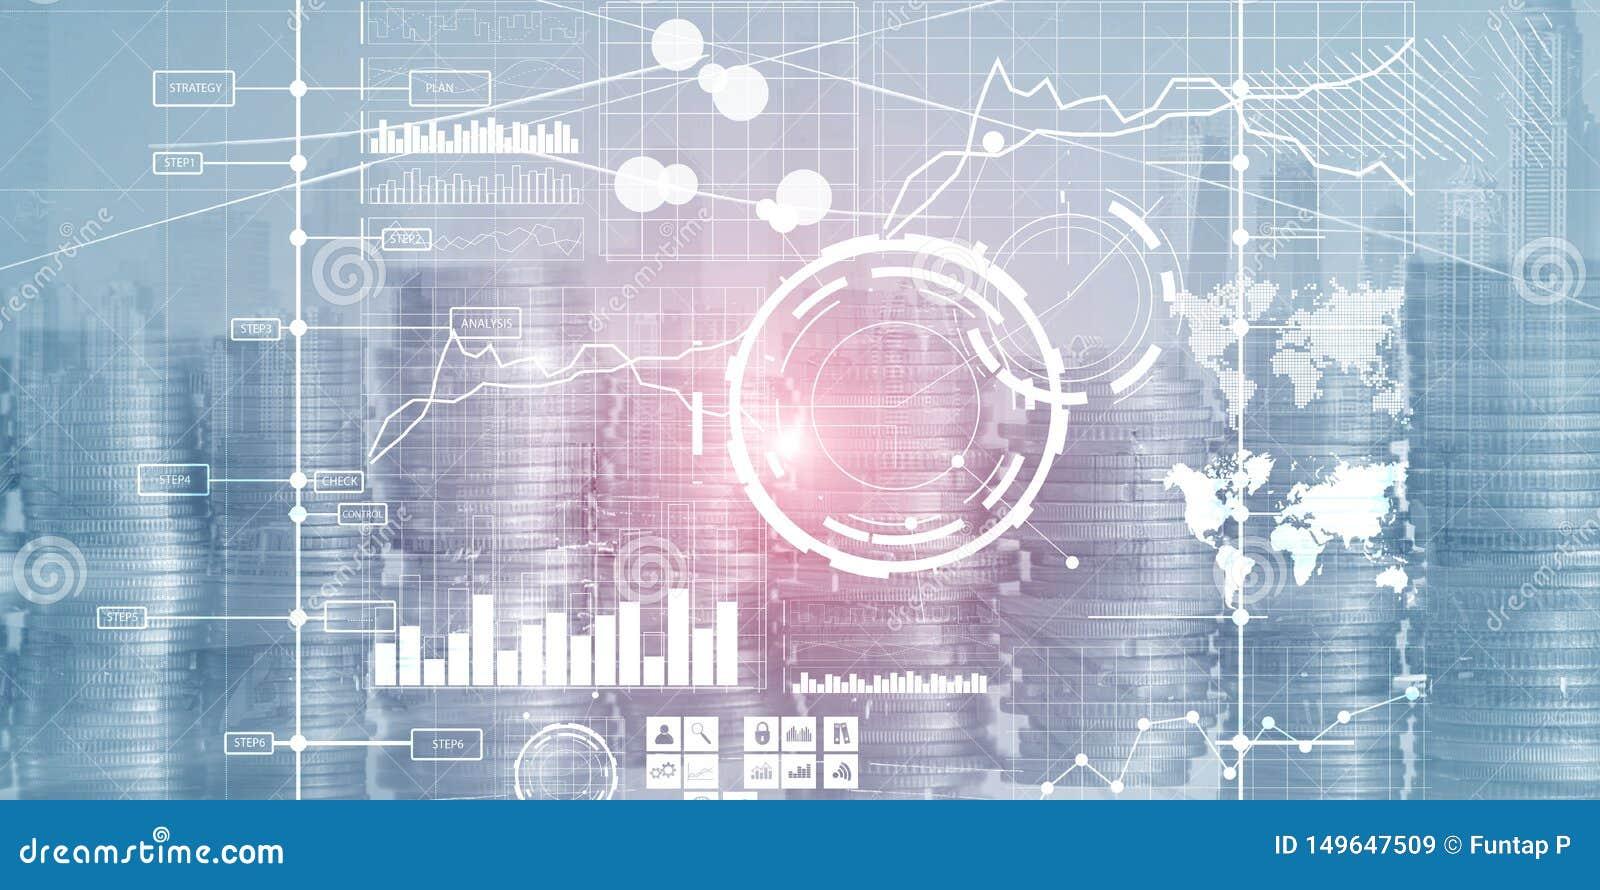 Tableau de bord et diagrammes d intelligence d interface d affichage Indicateurs de jeu clé financiers